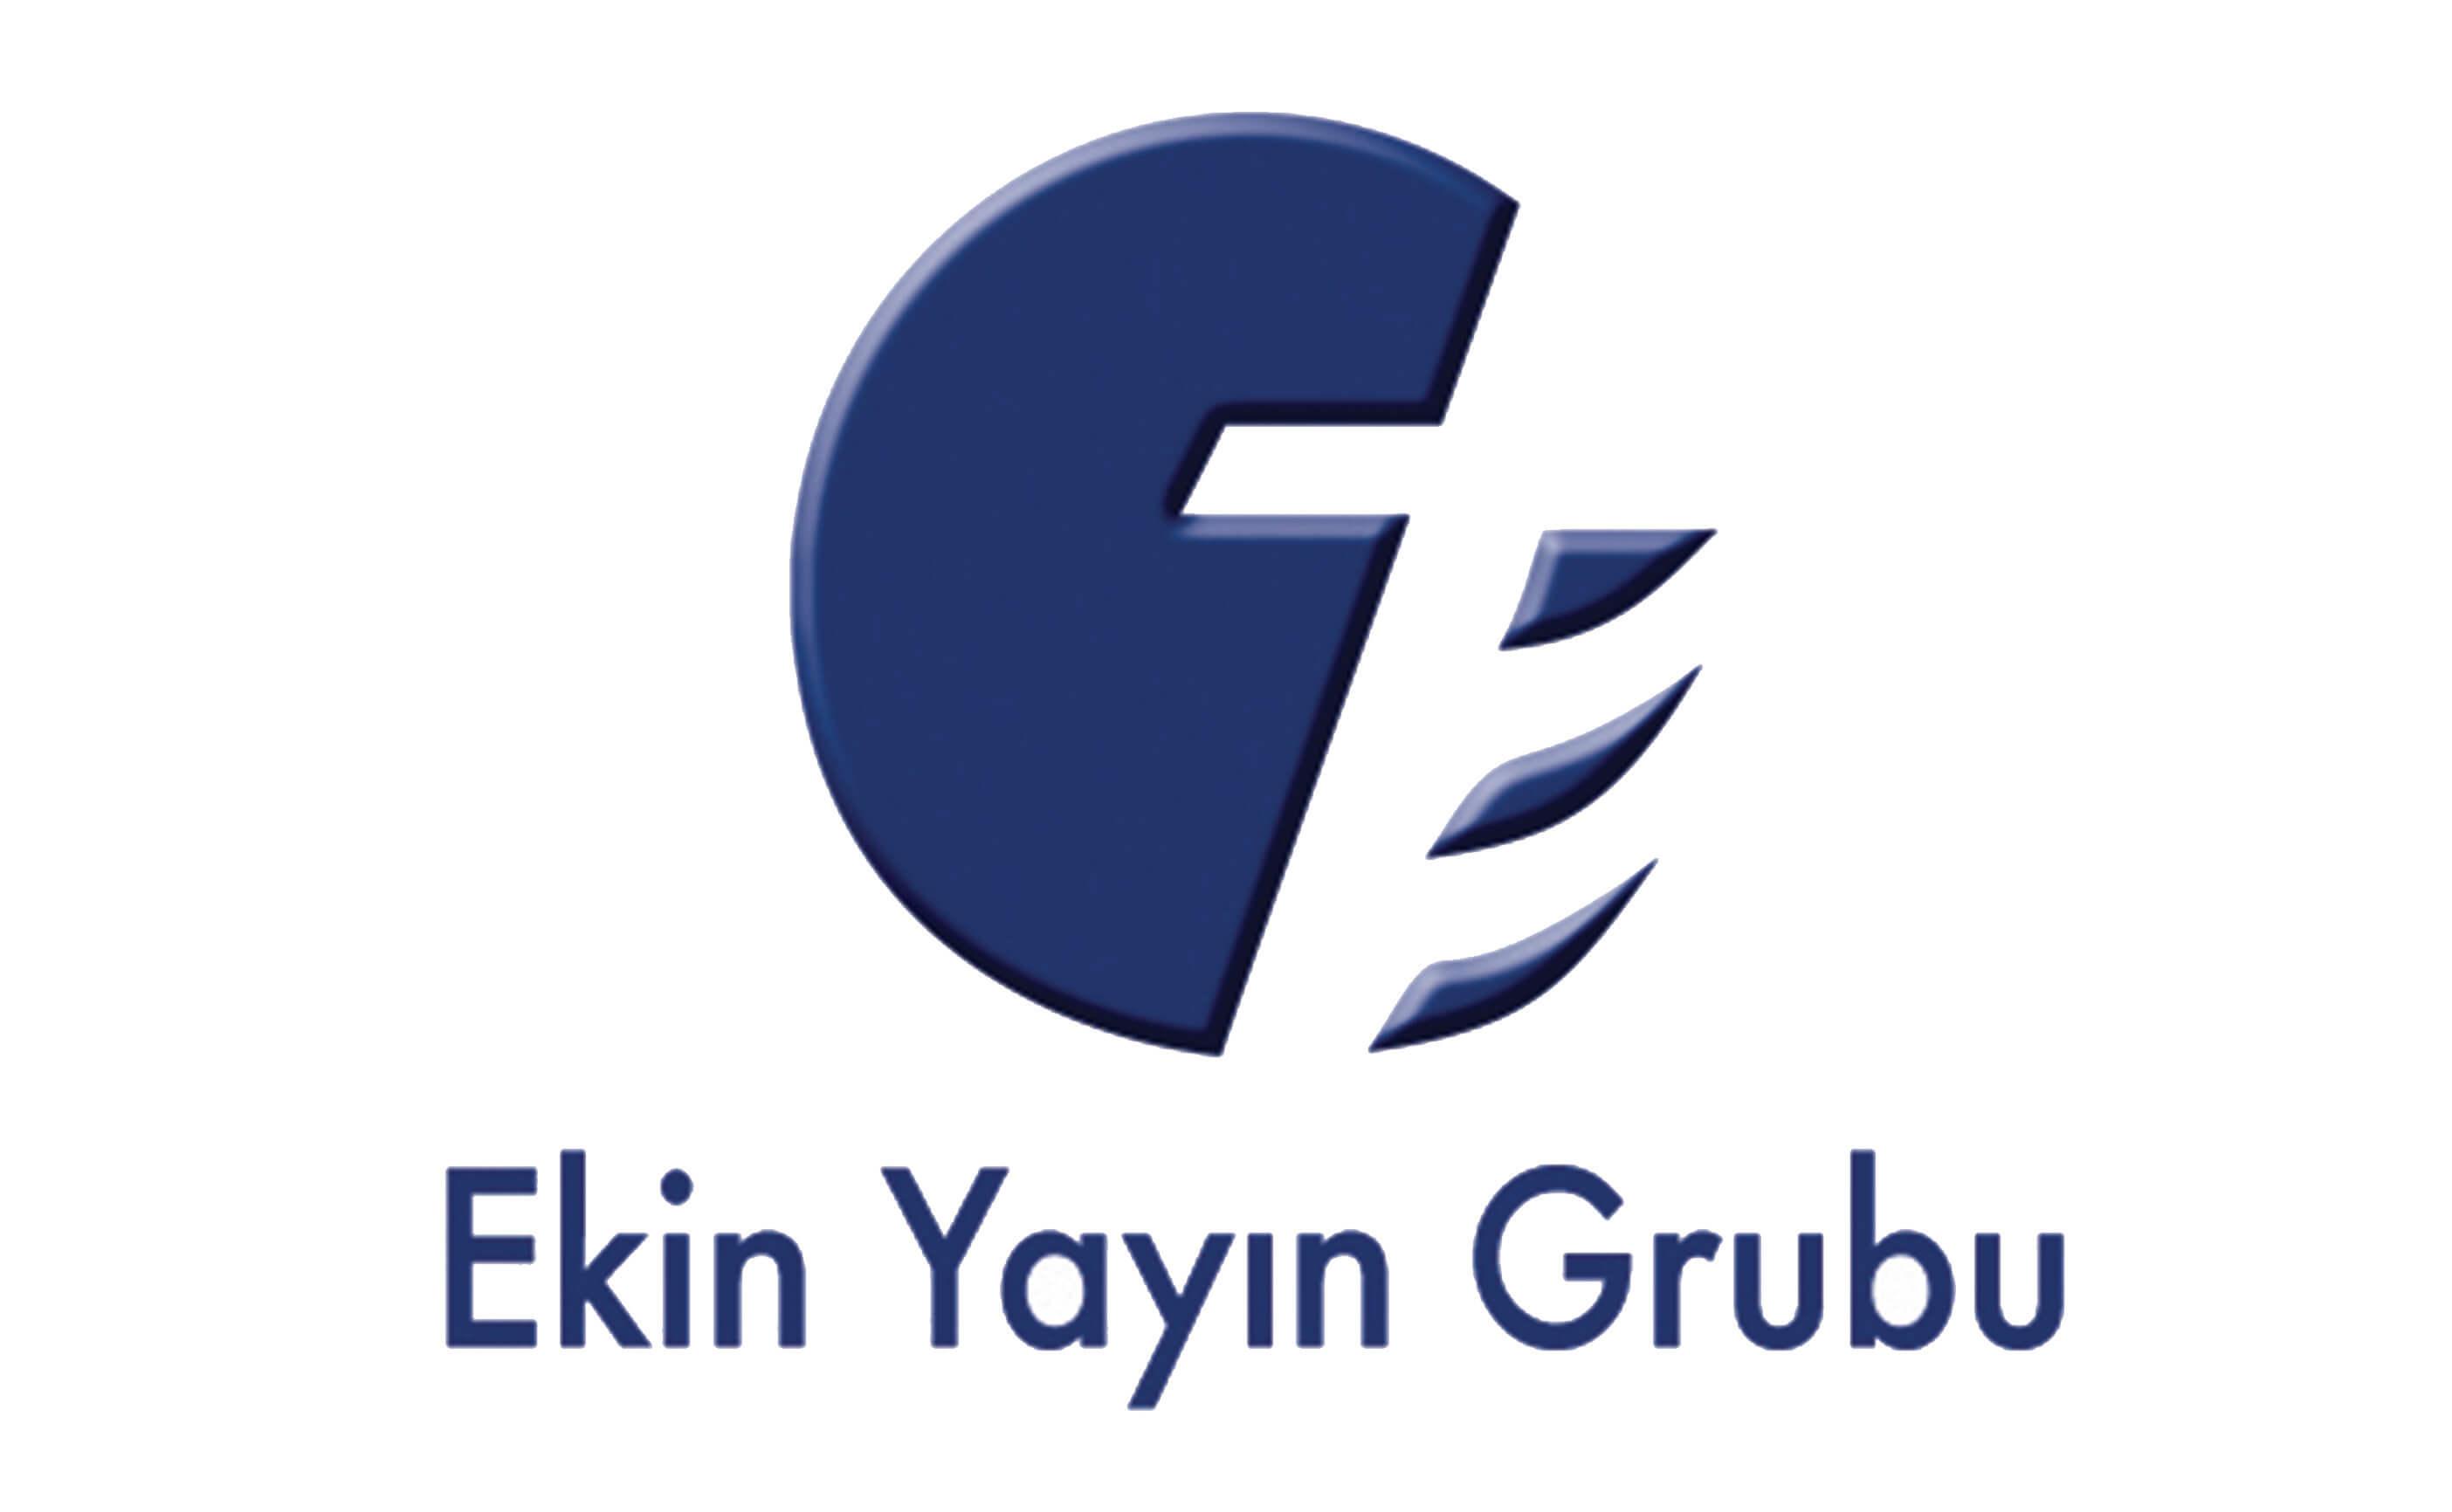 EKİN YAYIN GRUBU- EKİN TASARIM  REKLAMCILIK TİC.LTD. ŞTİ.